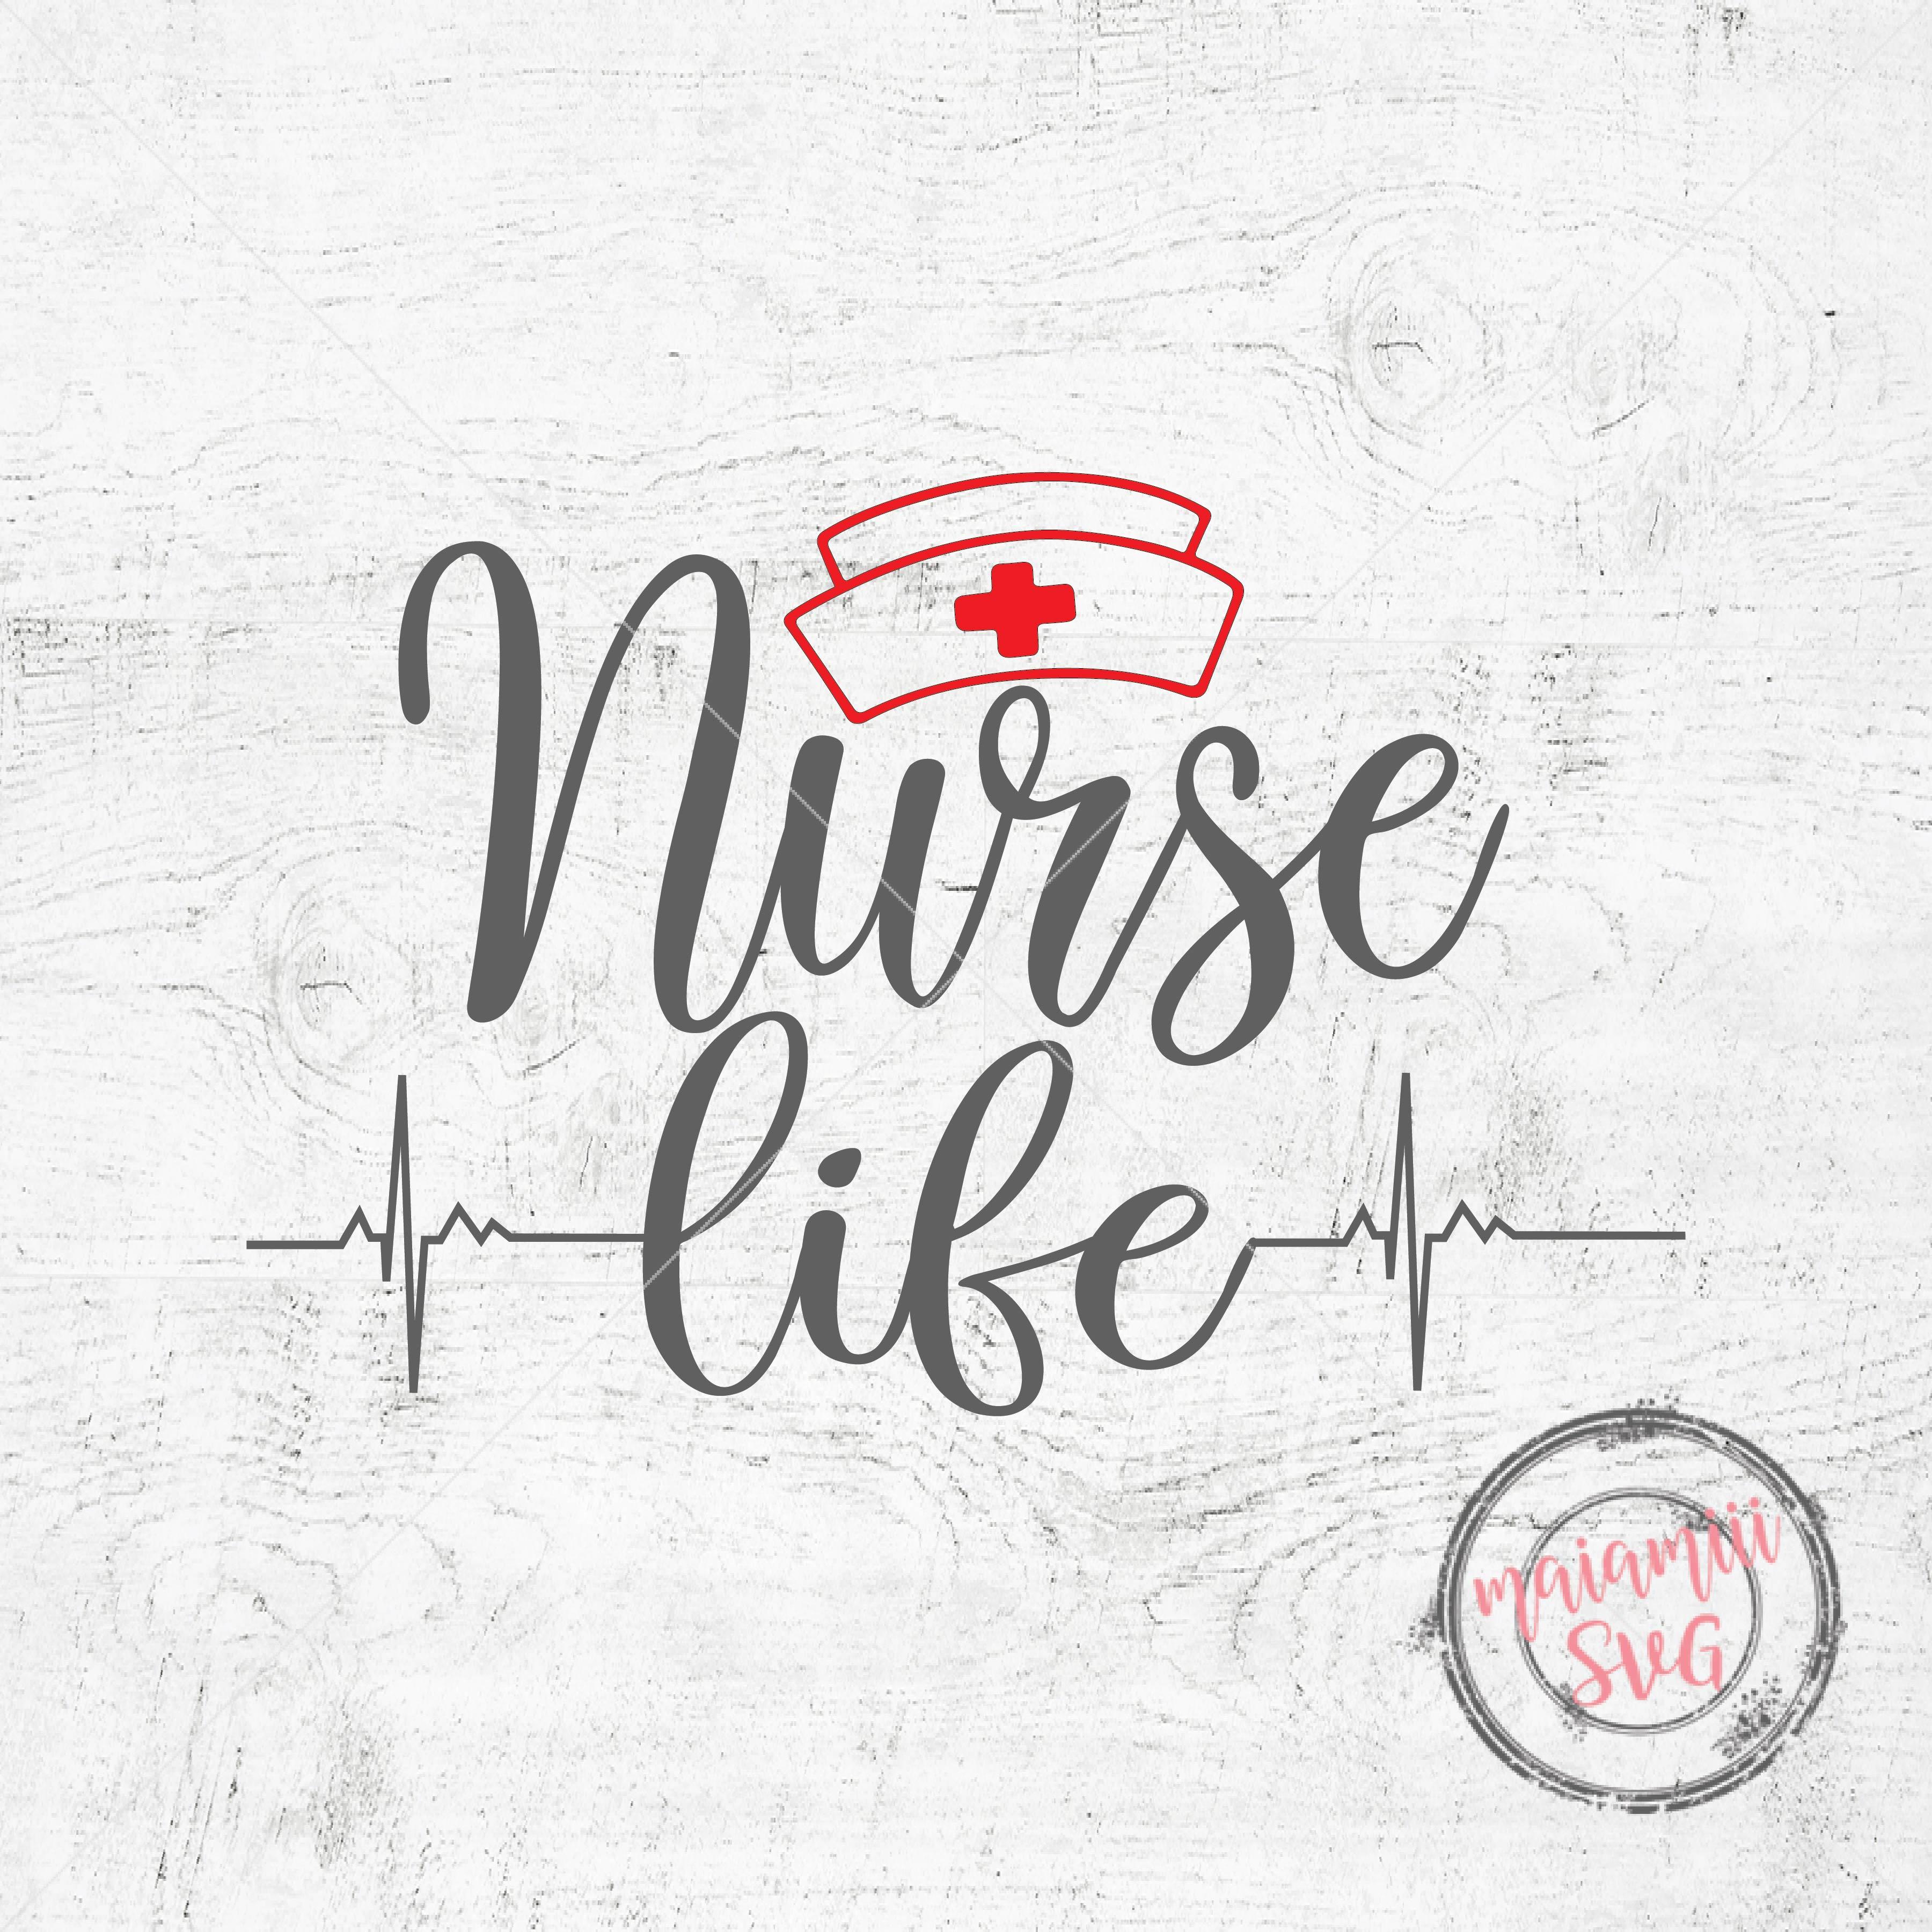 Nurse Life Svg Nursing Svg Quote Svg Cna Svg File Cricut File Nurse Svg Nurse Cut Files Doctor Svg 95903 Svgs Design Bundles